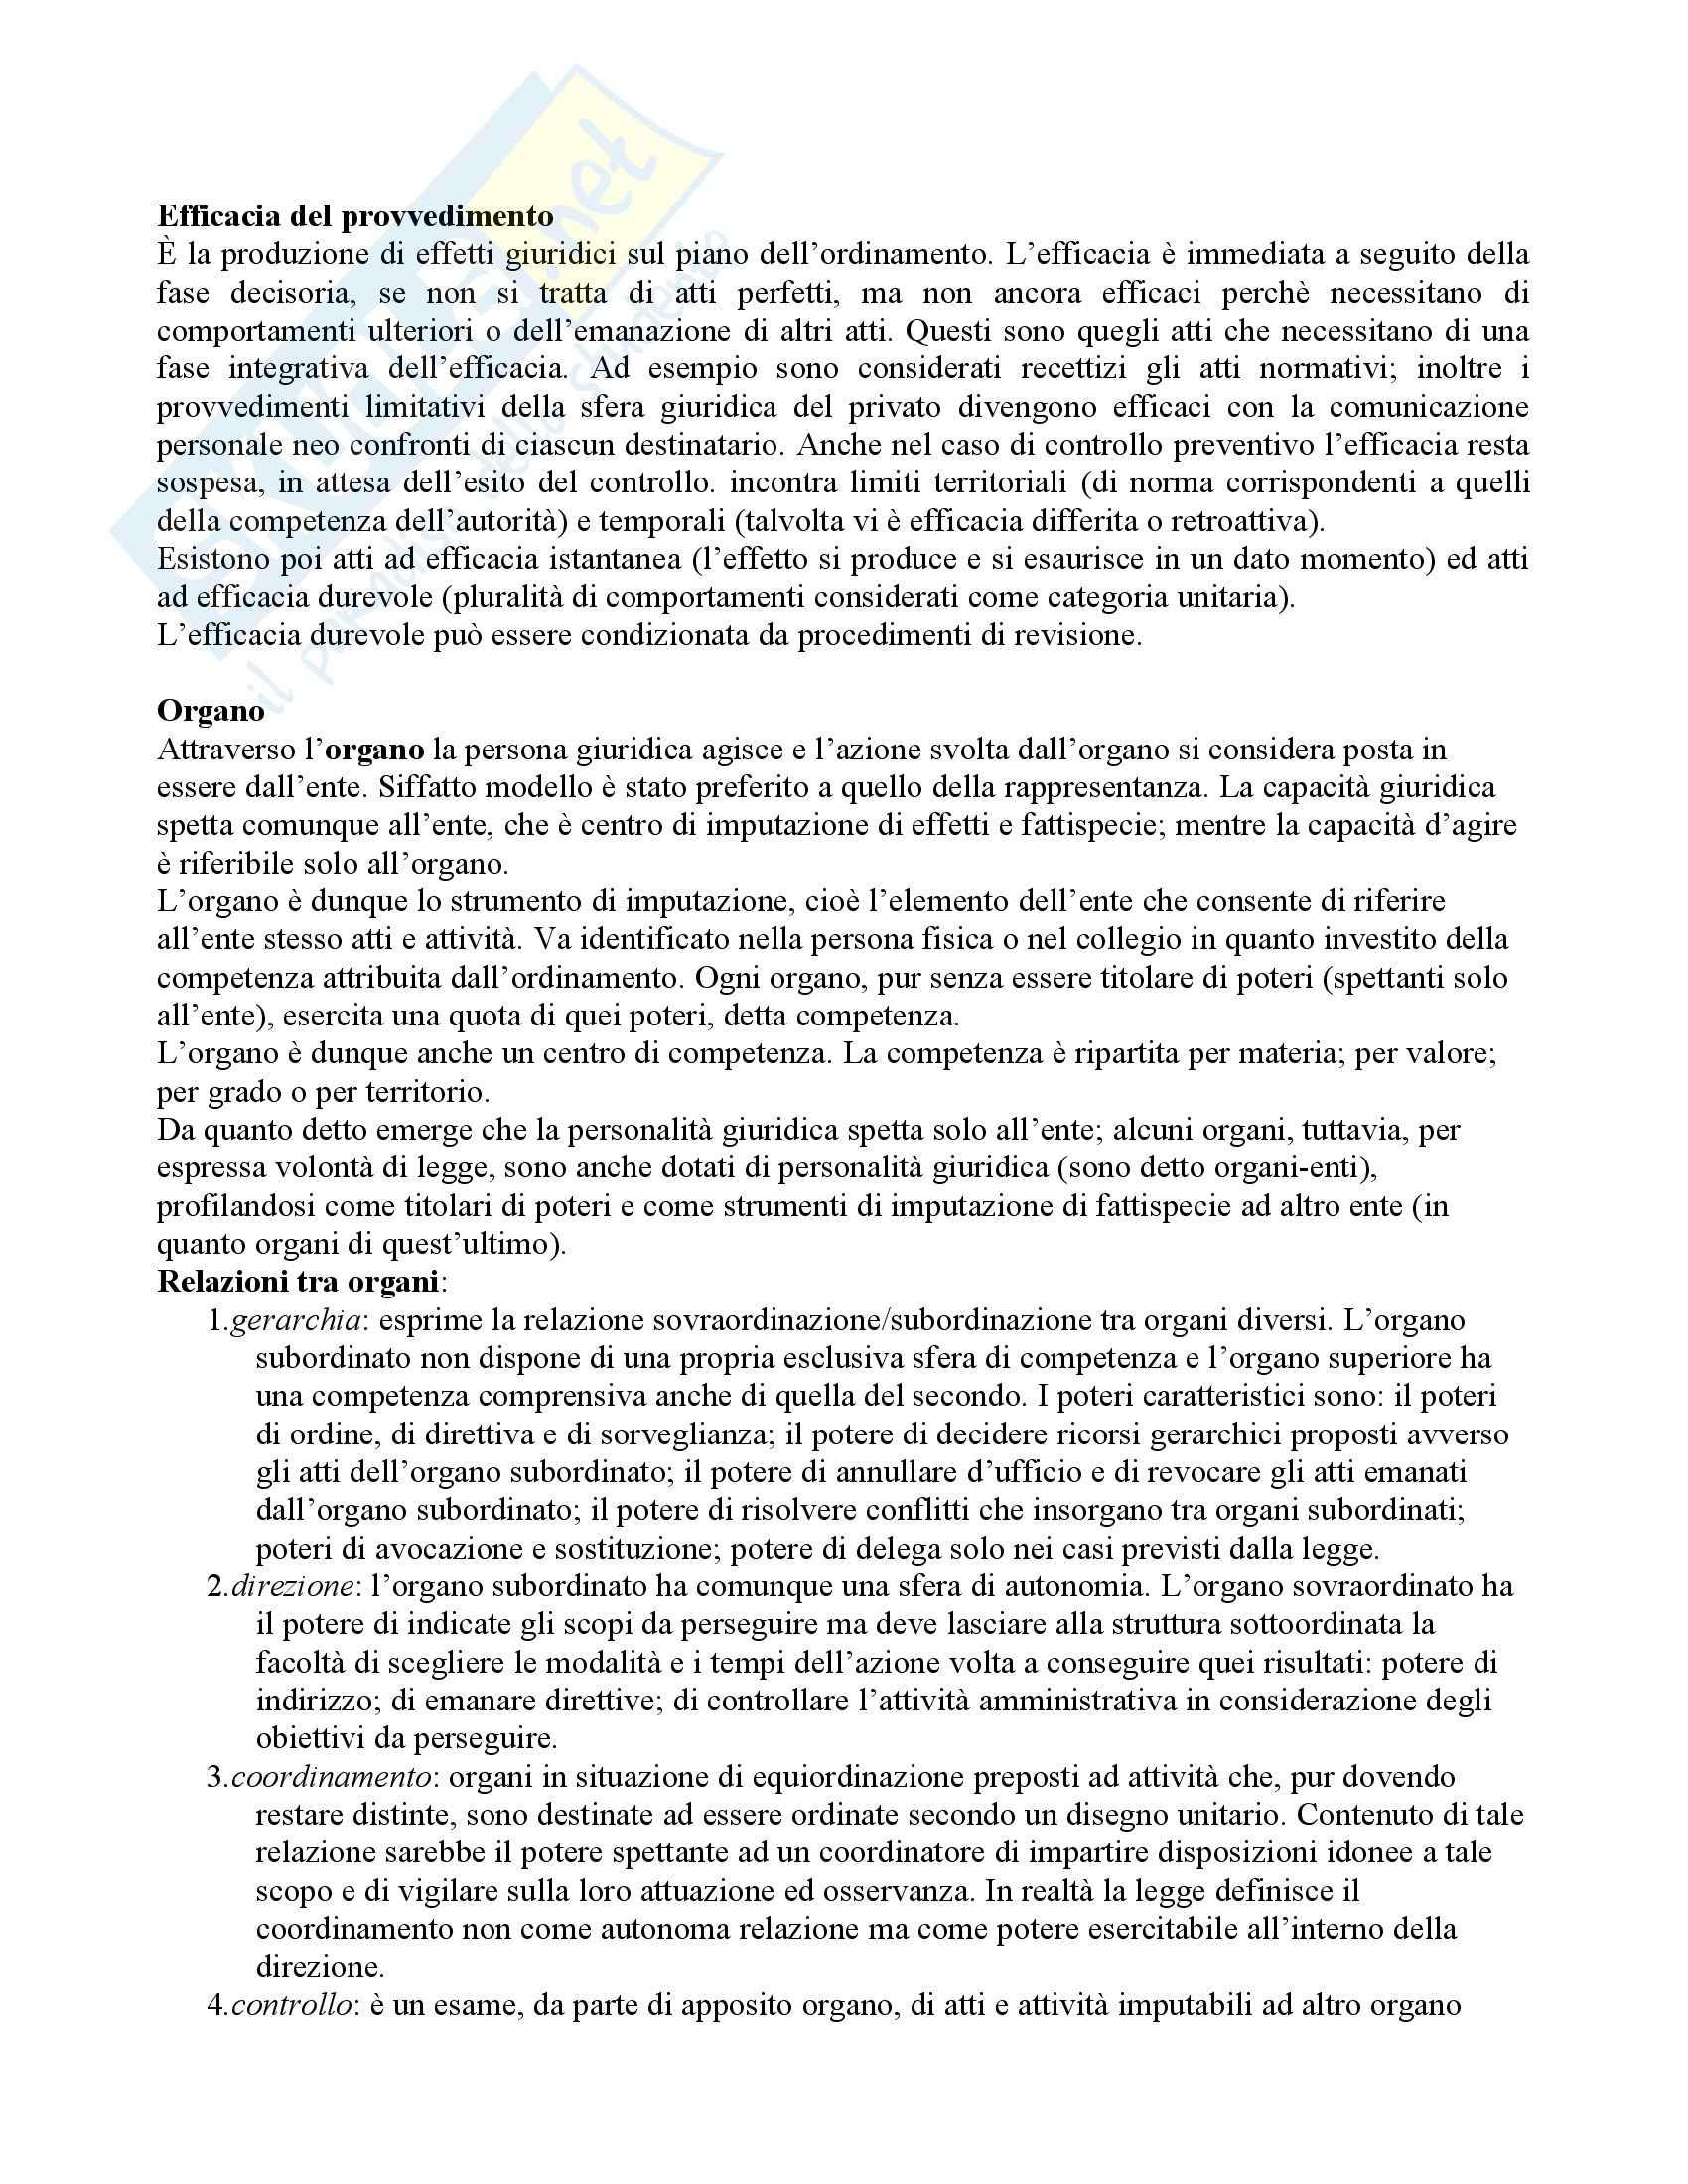 Diritto processuale penale - gli organi e gli accordi